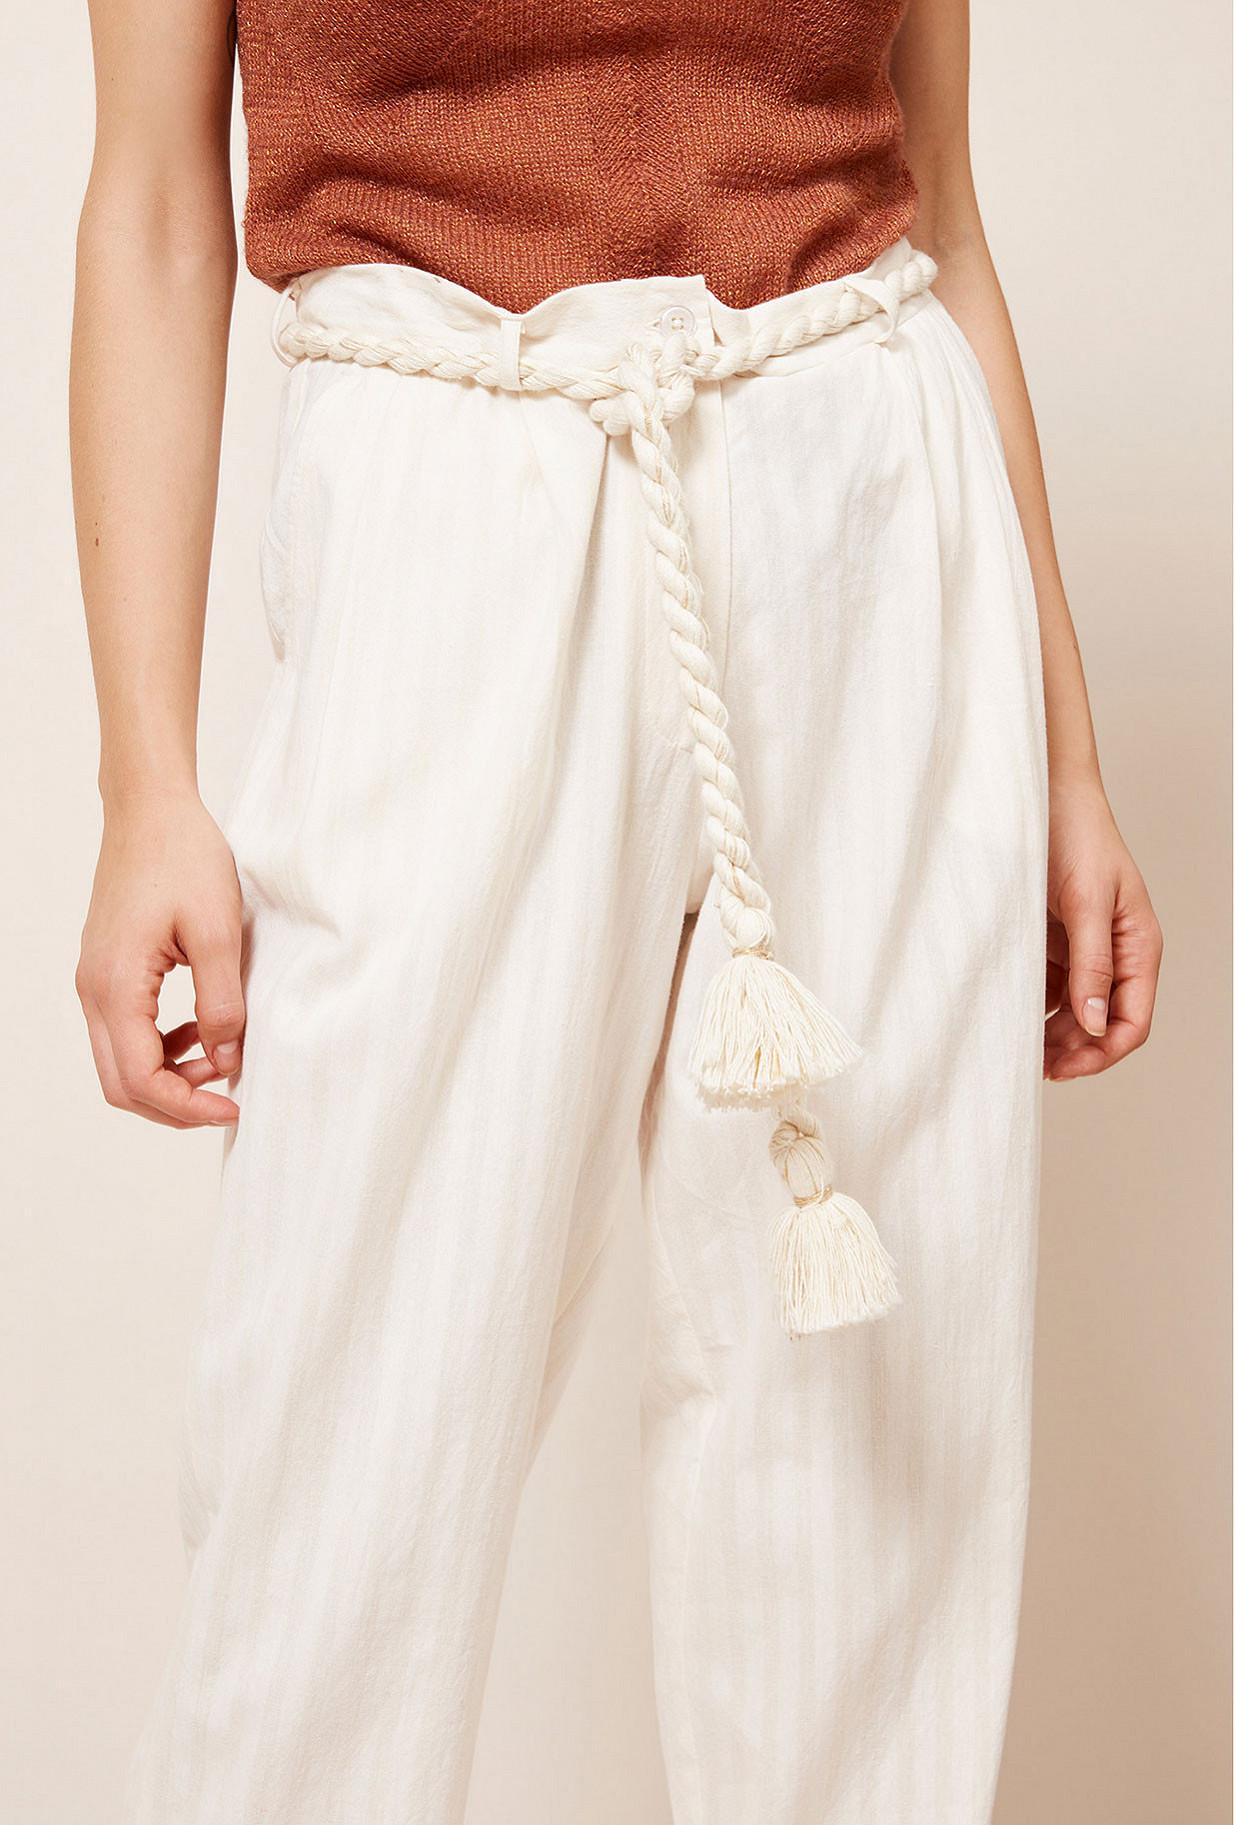 Paris boutique de mode vêtement Pantalon créateur bohème Oceanic